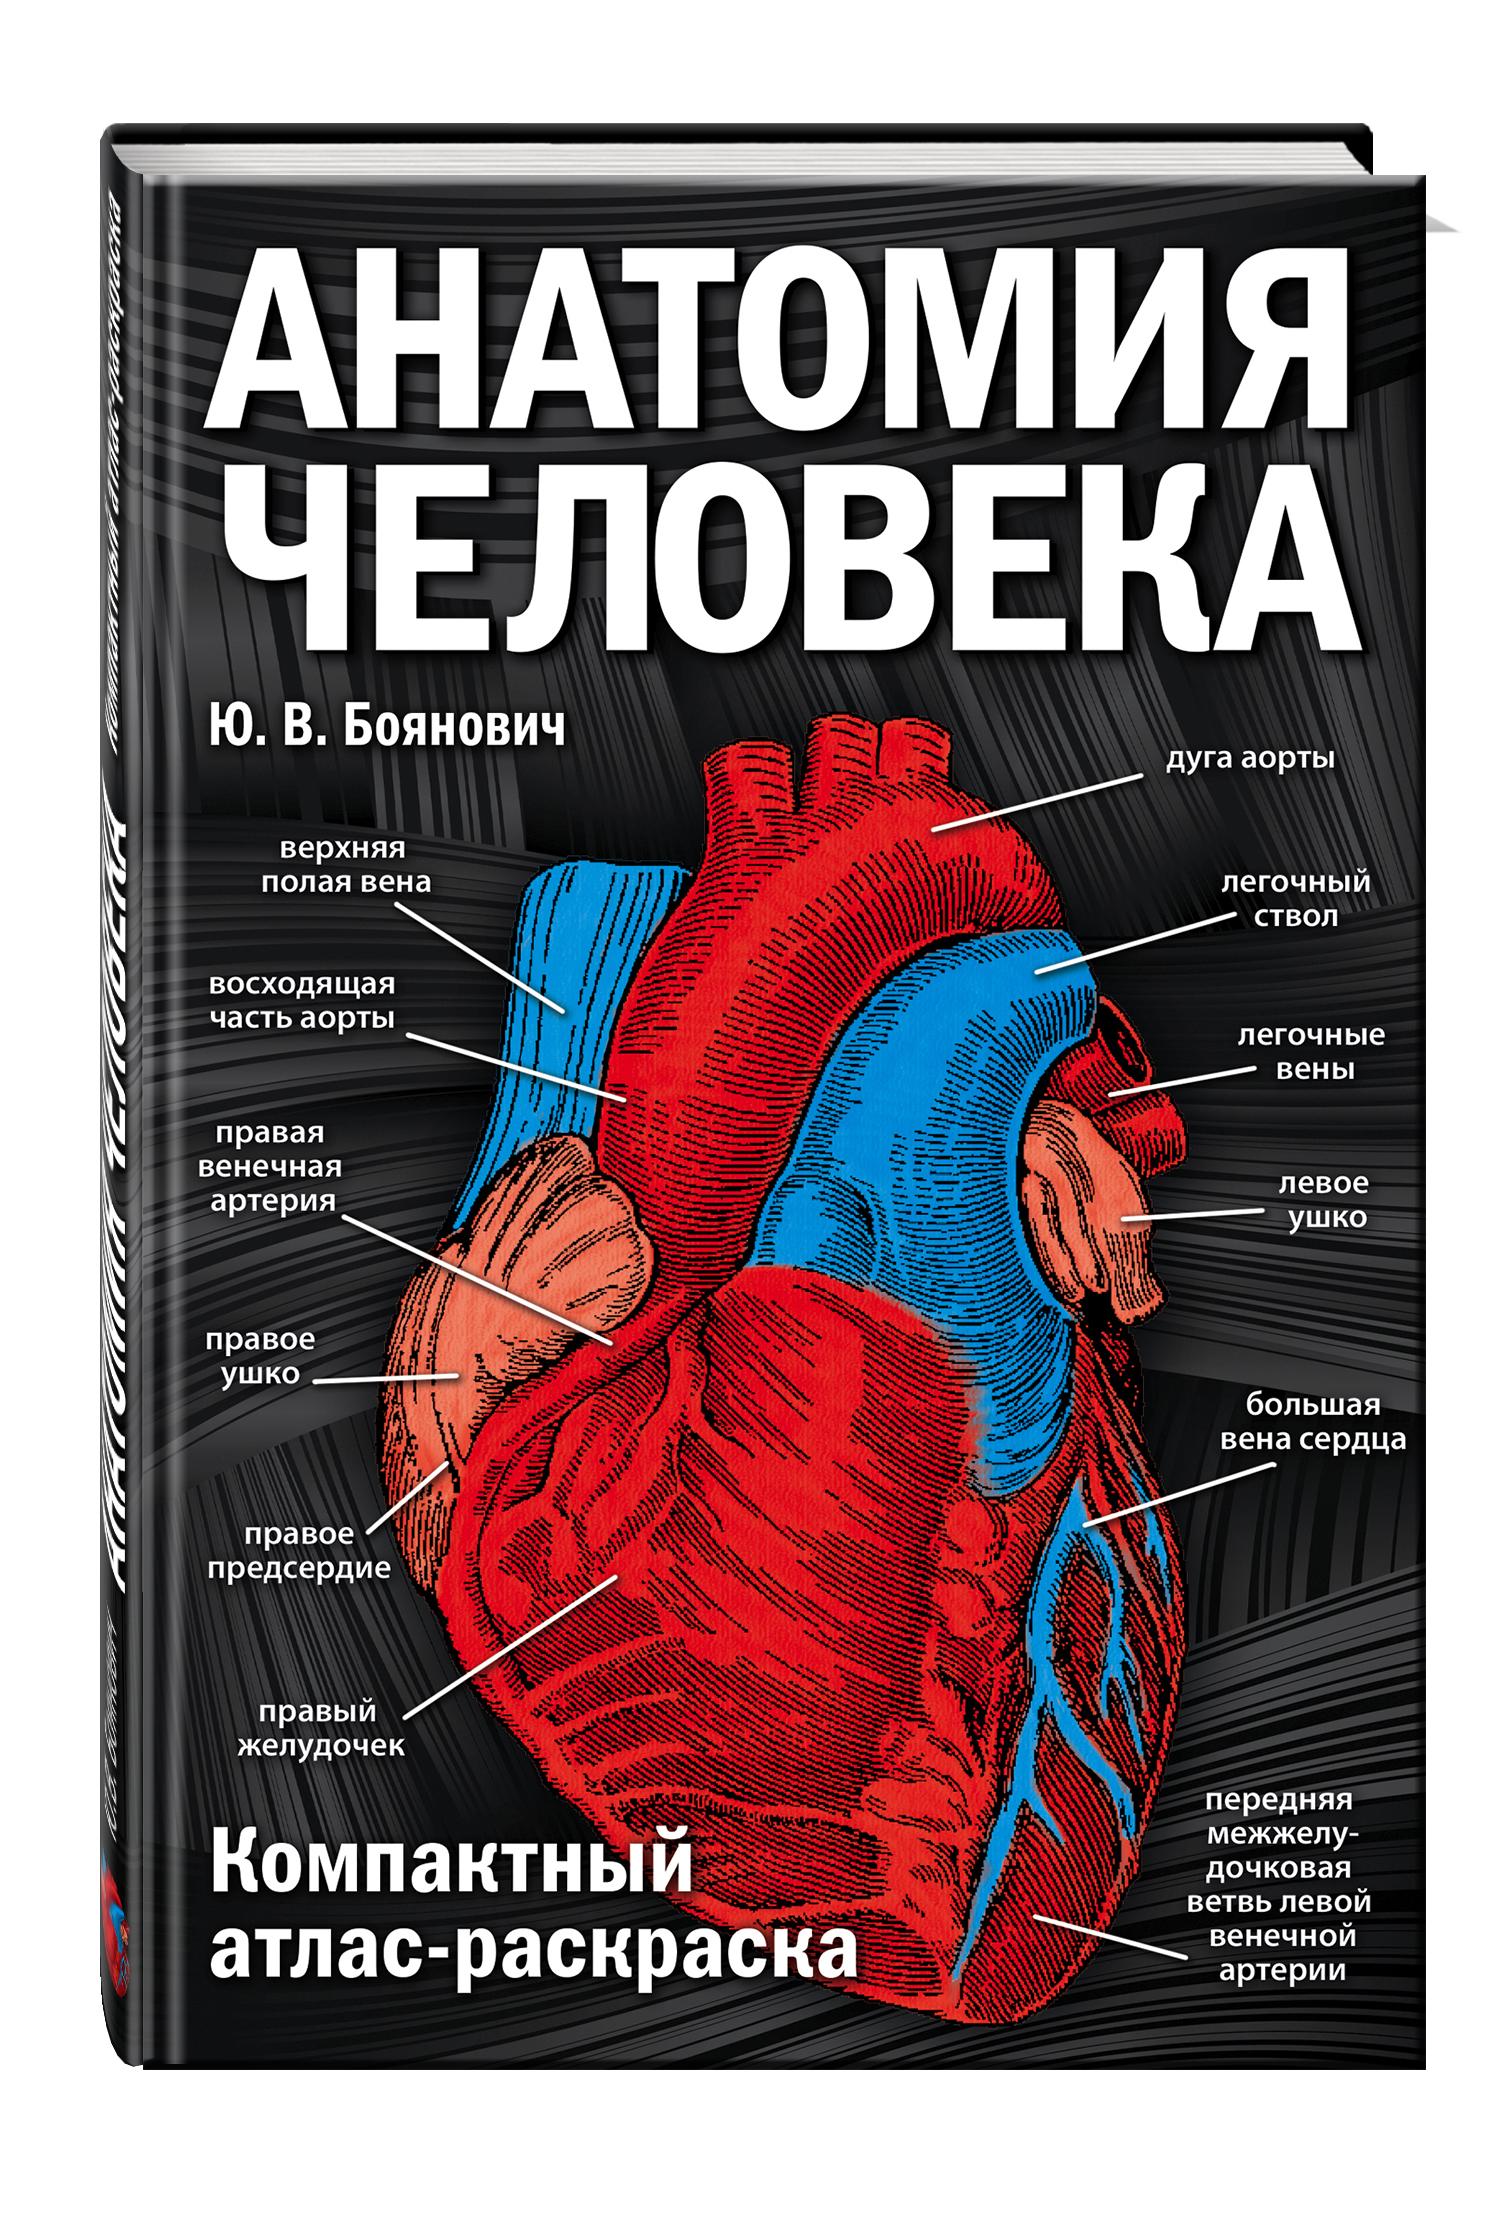 Ю. В. Боянович Анатомия человека: компактный атлас-раскраска ю в боянович анатомия человека компактный атлас раскраска